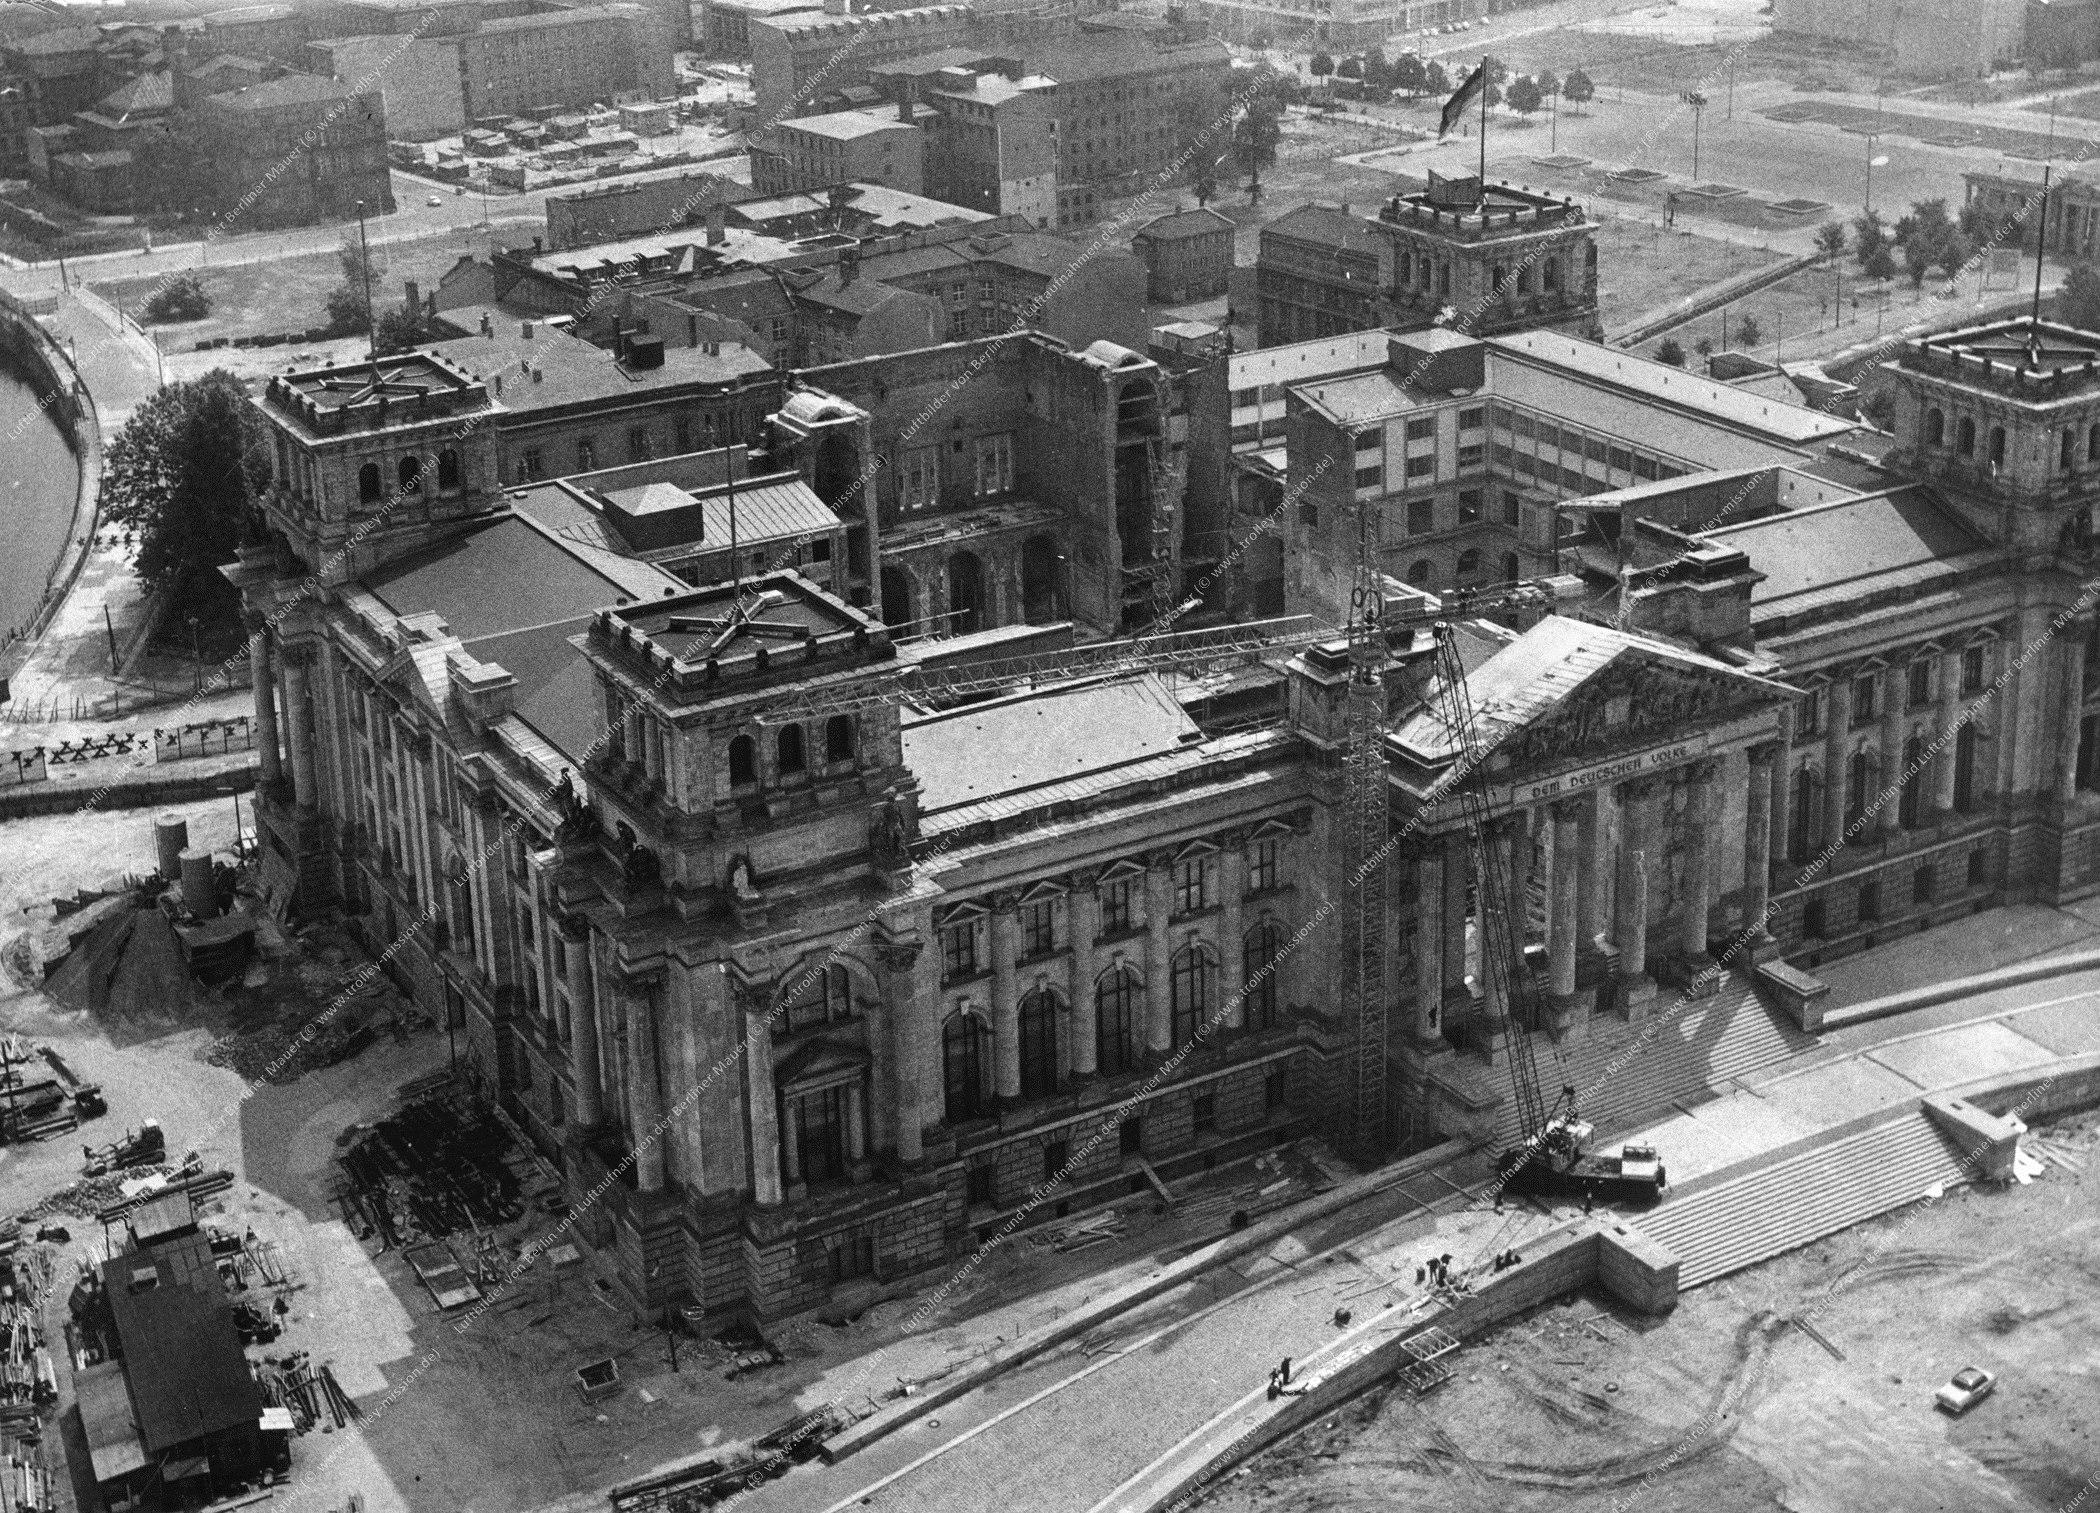 Berlin Luftbild Reichstag vom 9. Juli 1966 (Bild 040)